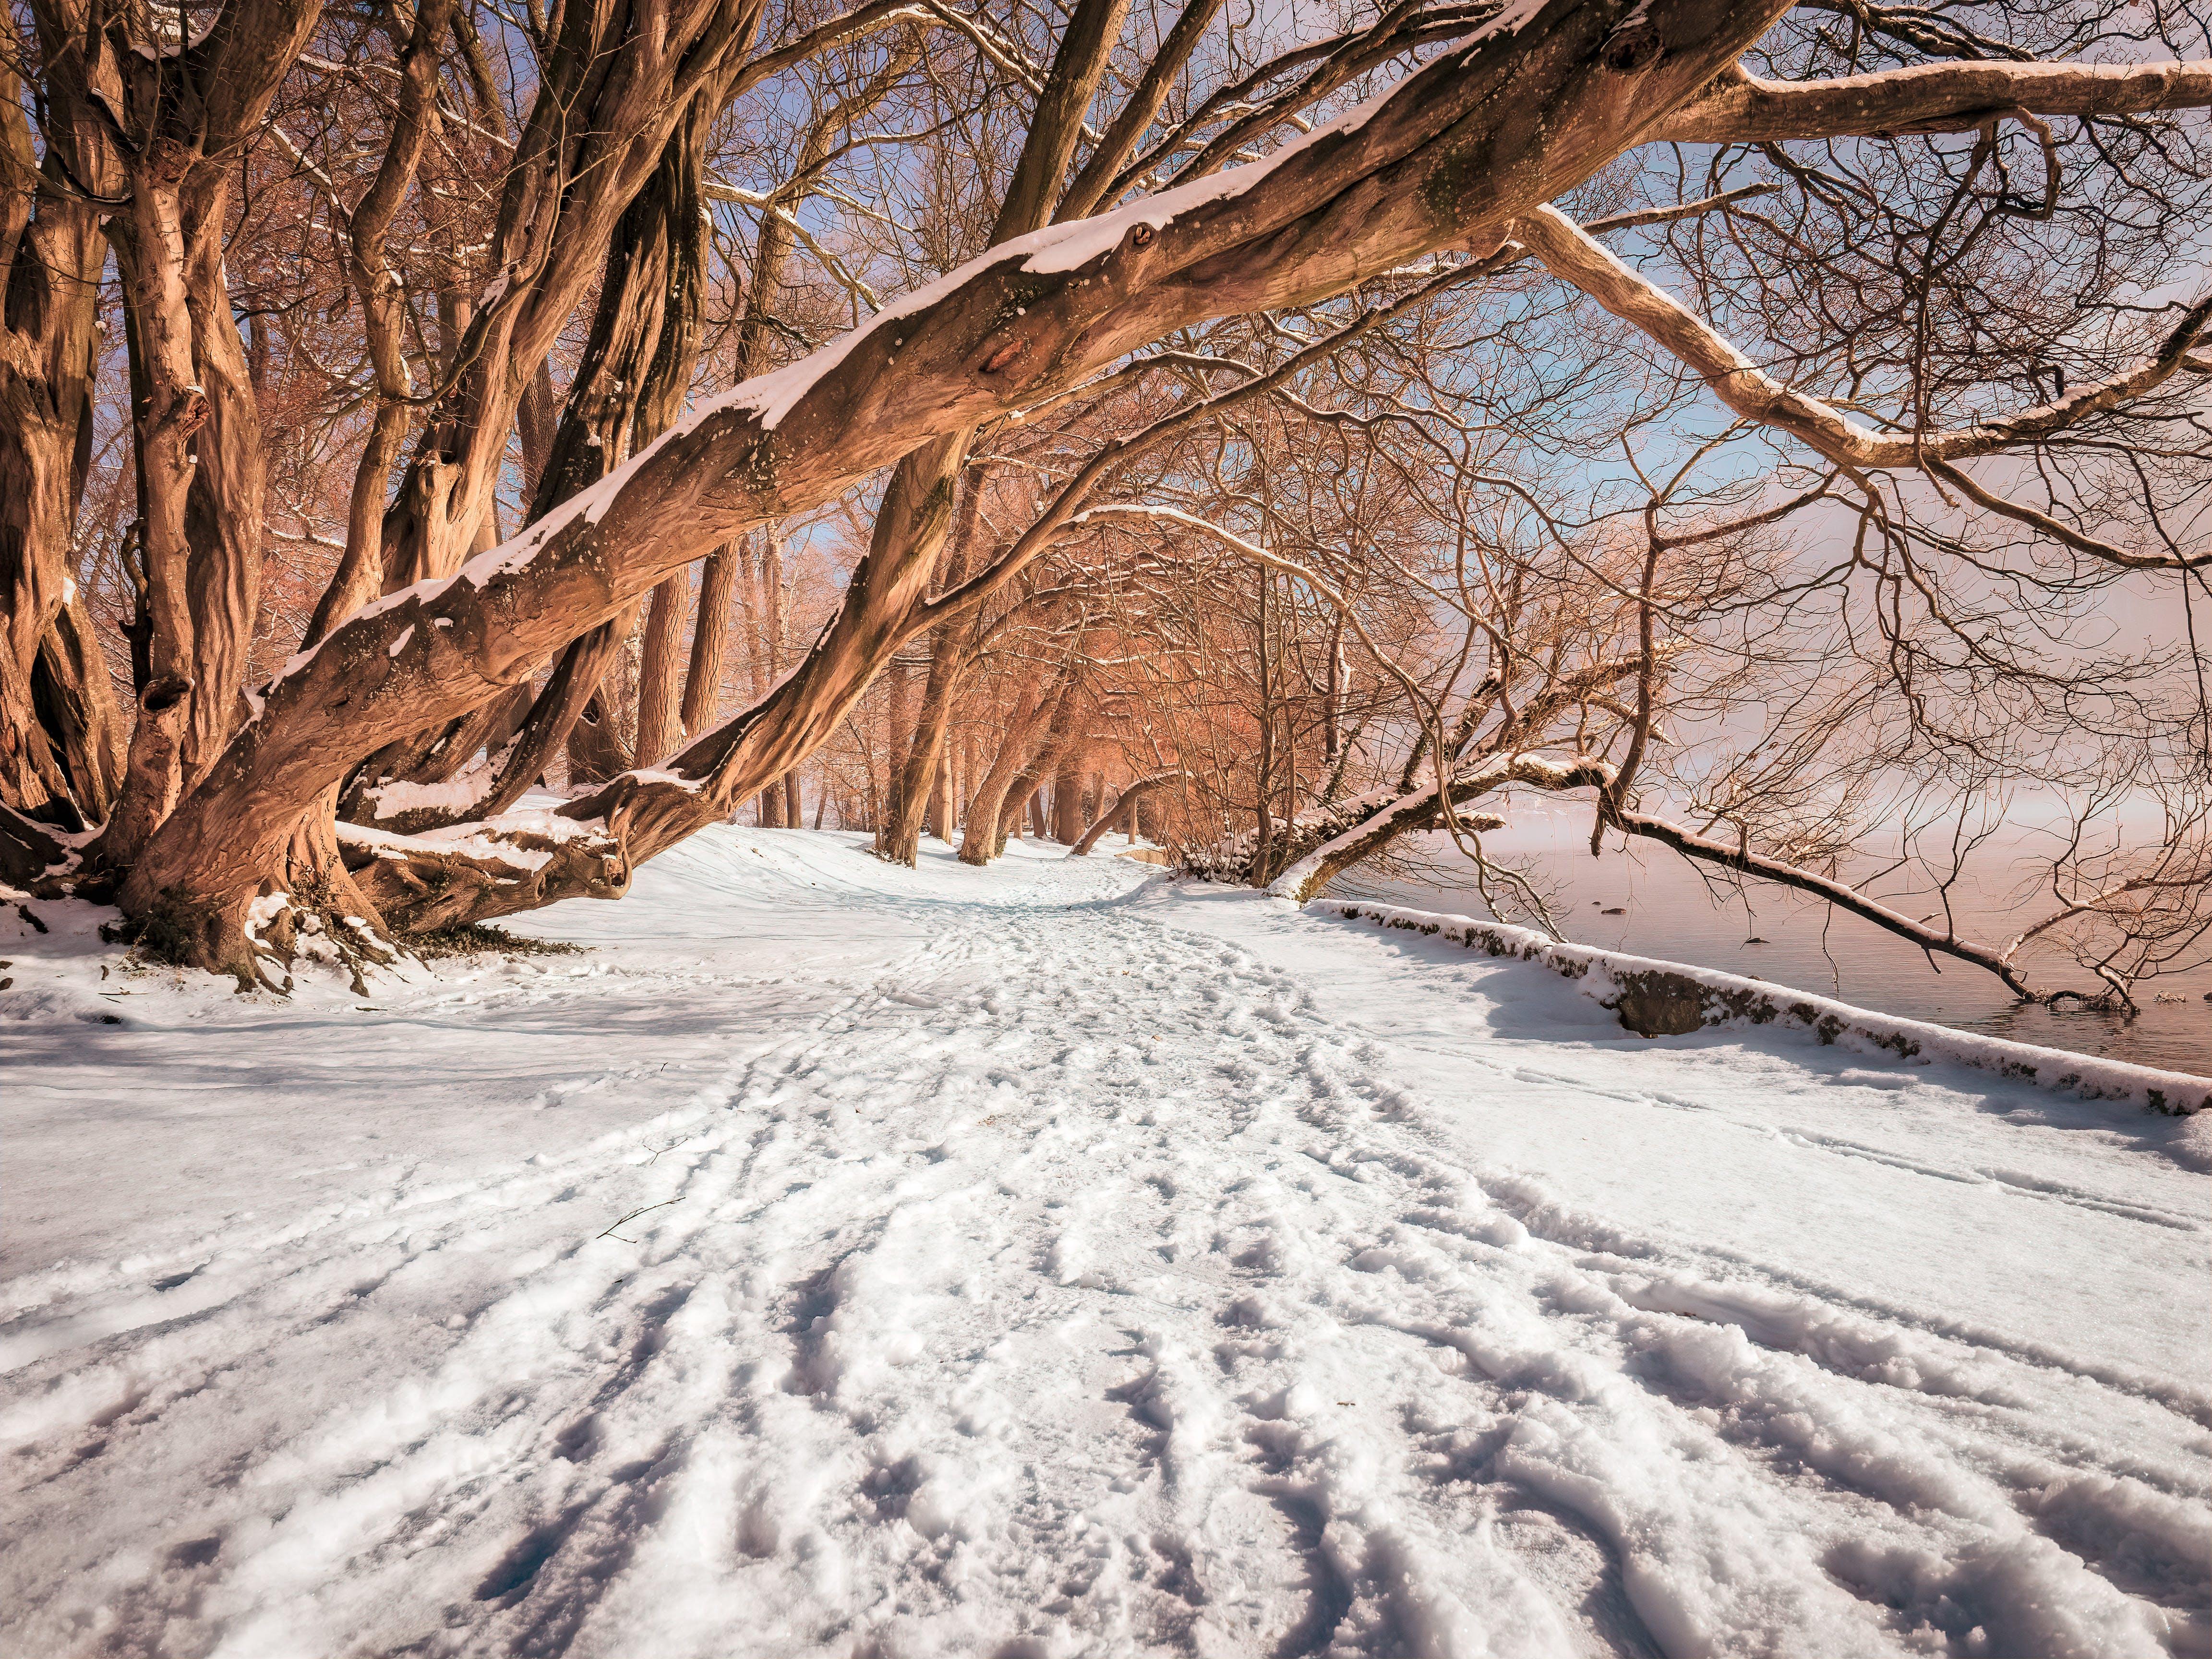 冬季, 冬季路径, 冷, 奧地利 的 免费素材照片